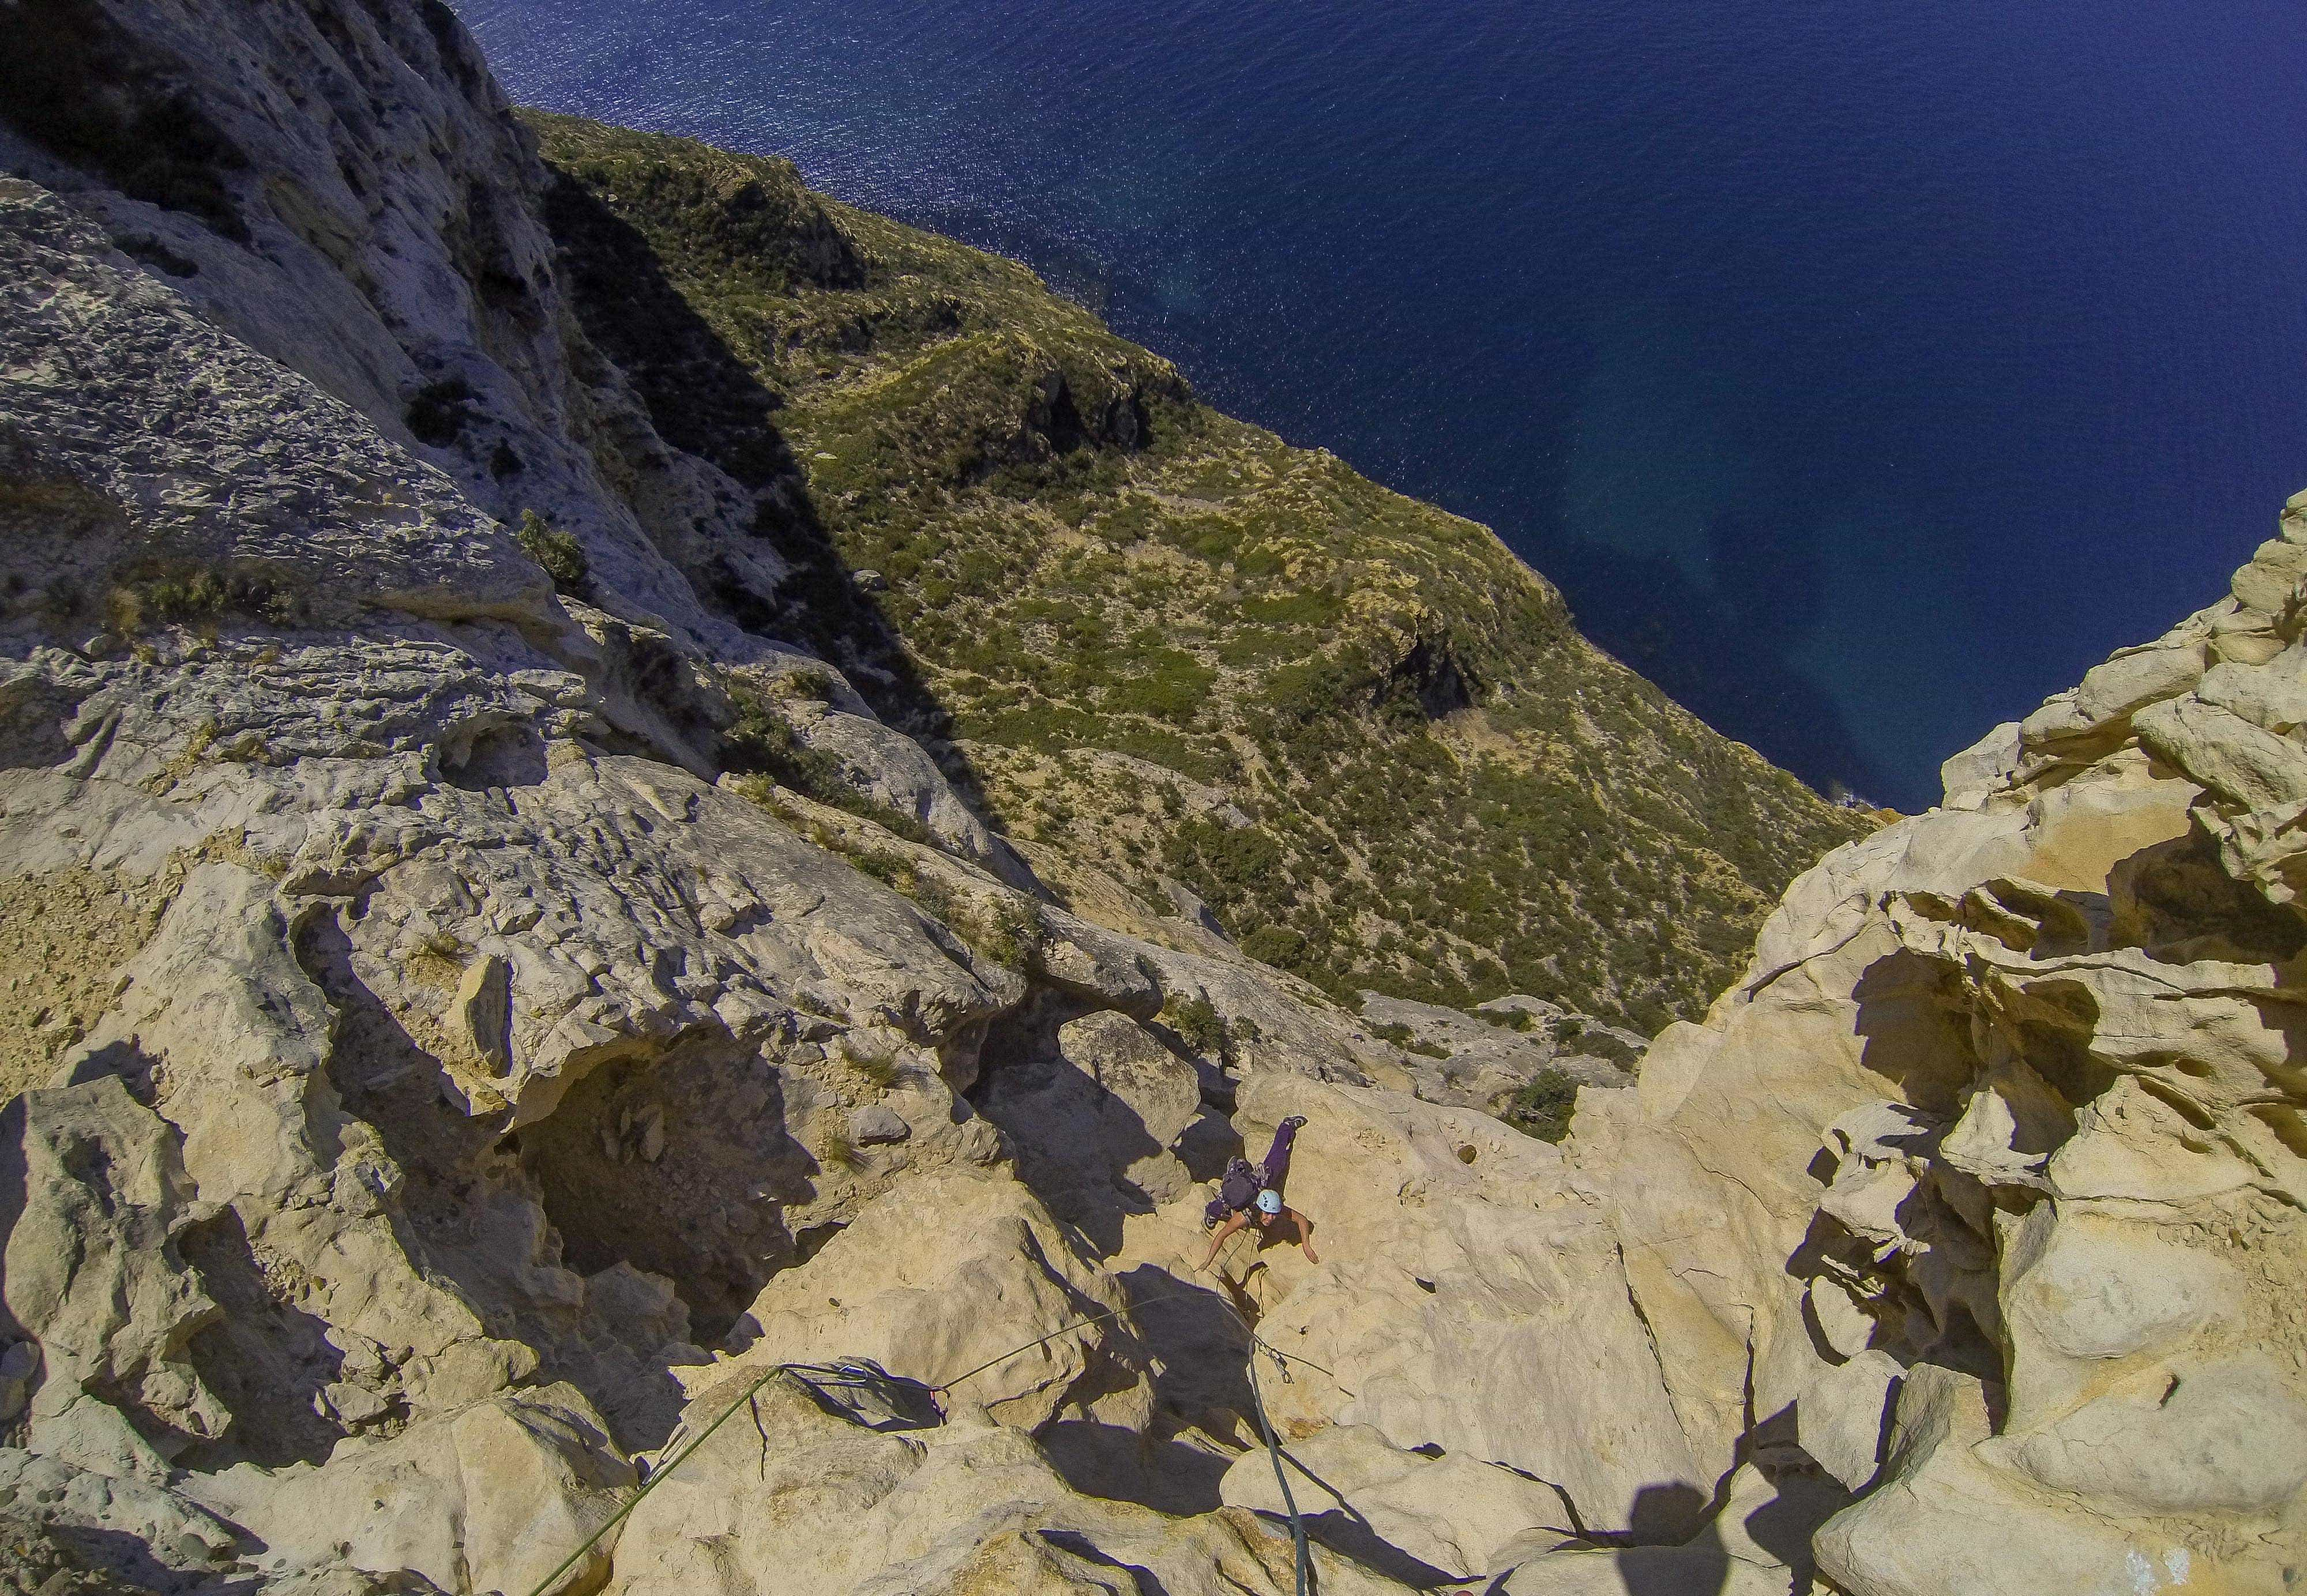 Grande voie Cap canail